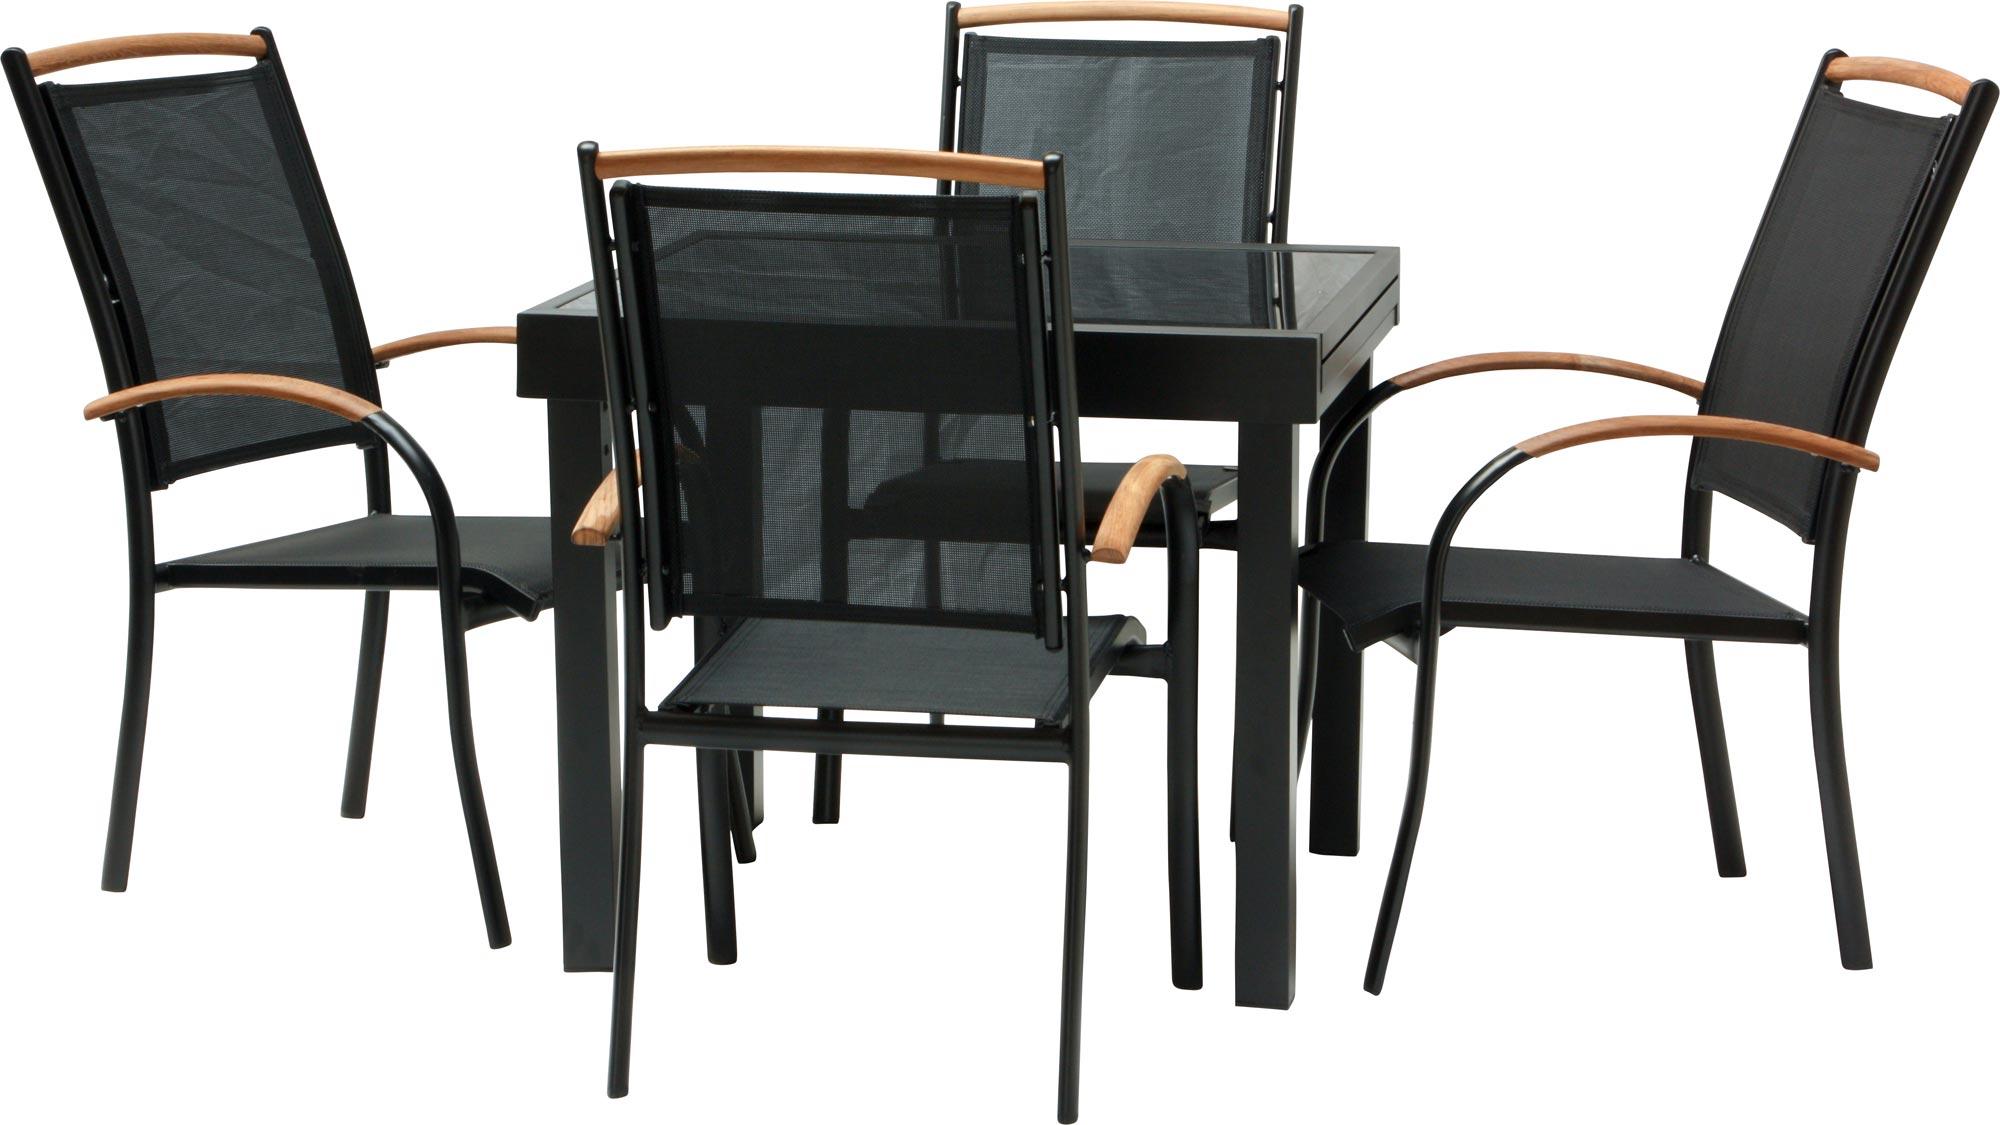 Salon de jardin diplomat quadro noir chaise empilable 3 variantes tuinset ebay - Chaise salon de jardin noir ...